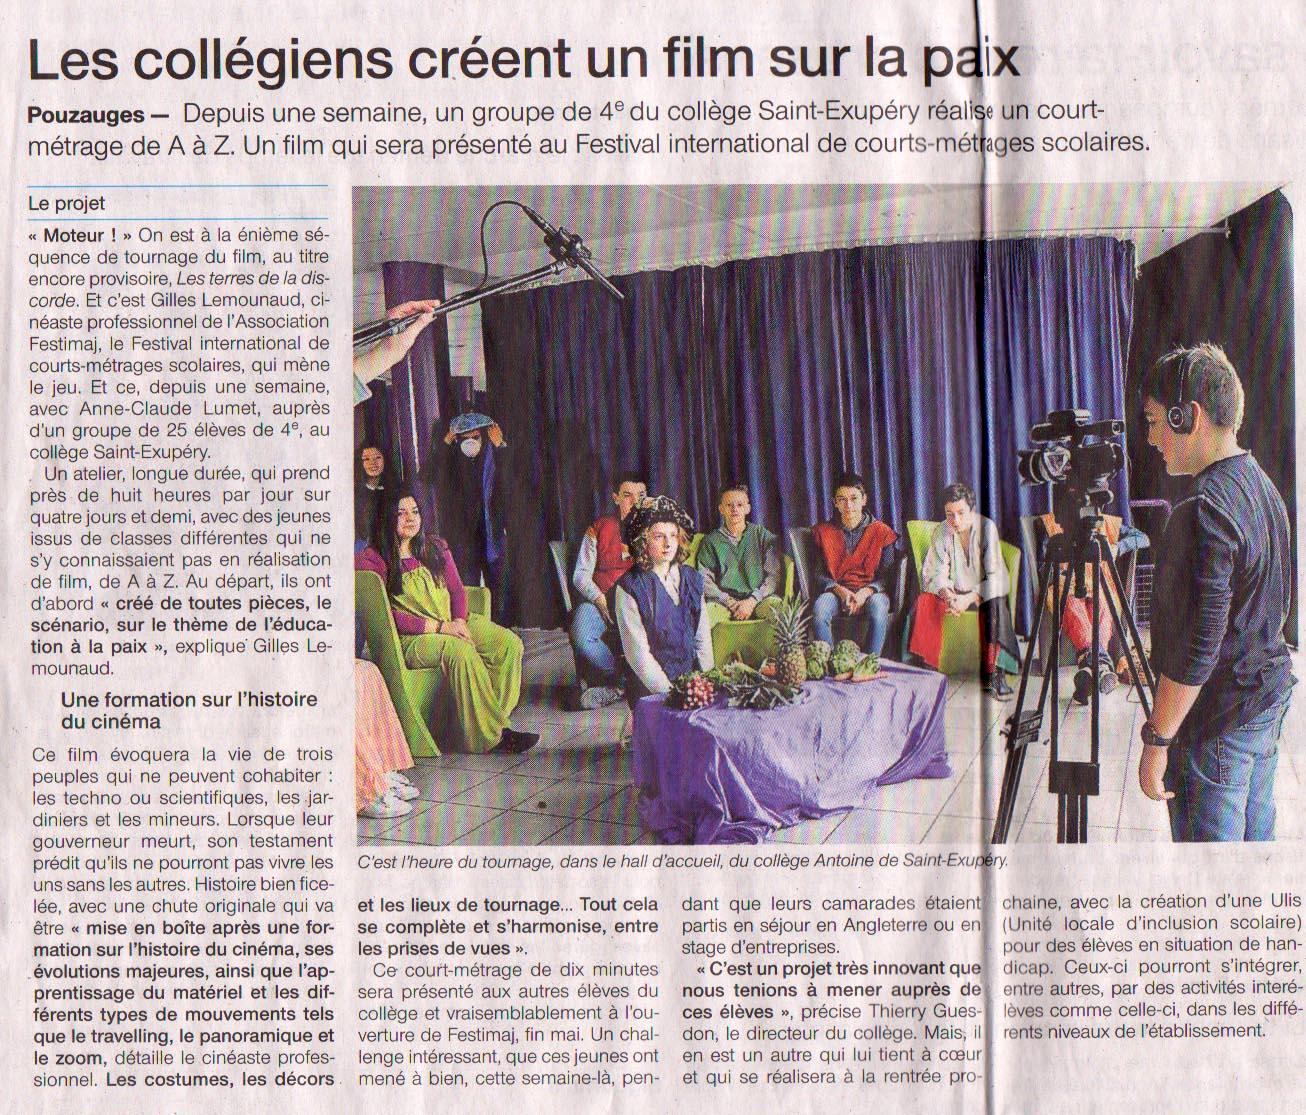 Ouest-France Le 9 Avril 2018 Les collégiens créent un films sur la paix